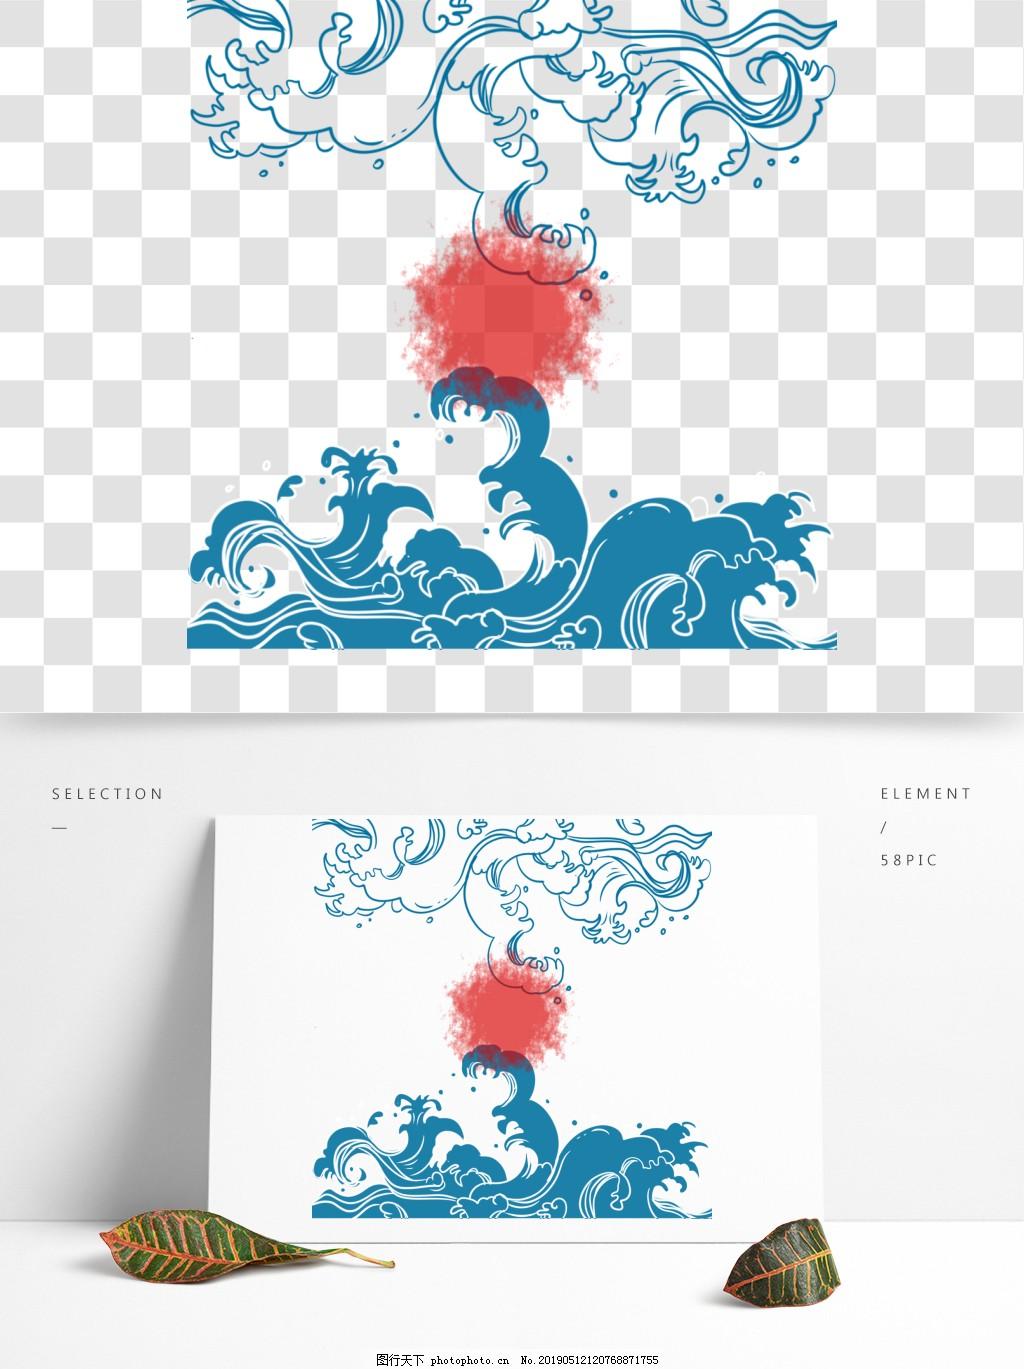 浪花传统古典手绘蓝色日系底纹图案端午元素,海浪,浪水,复古,背景,花纹,线条